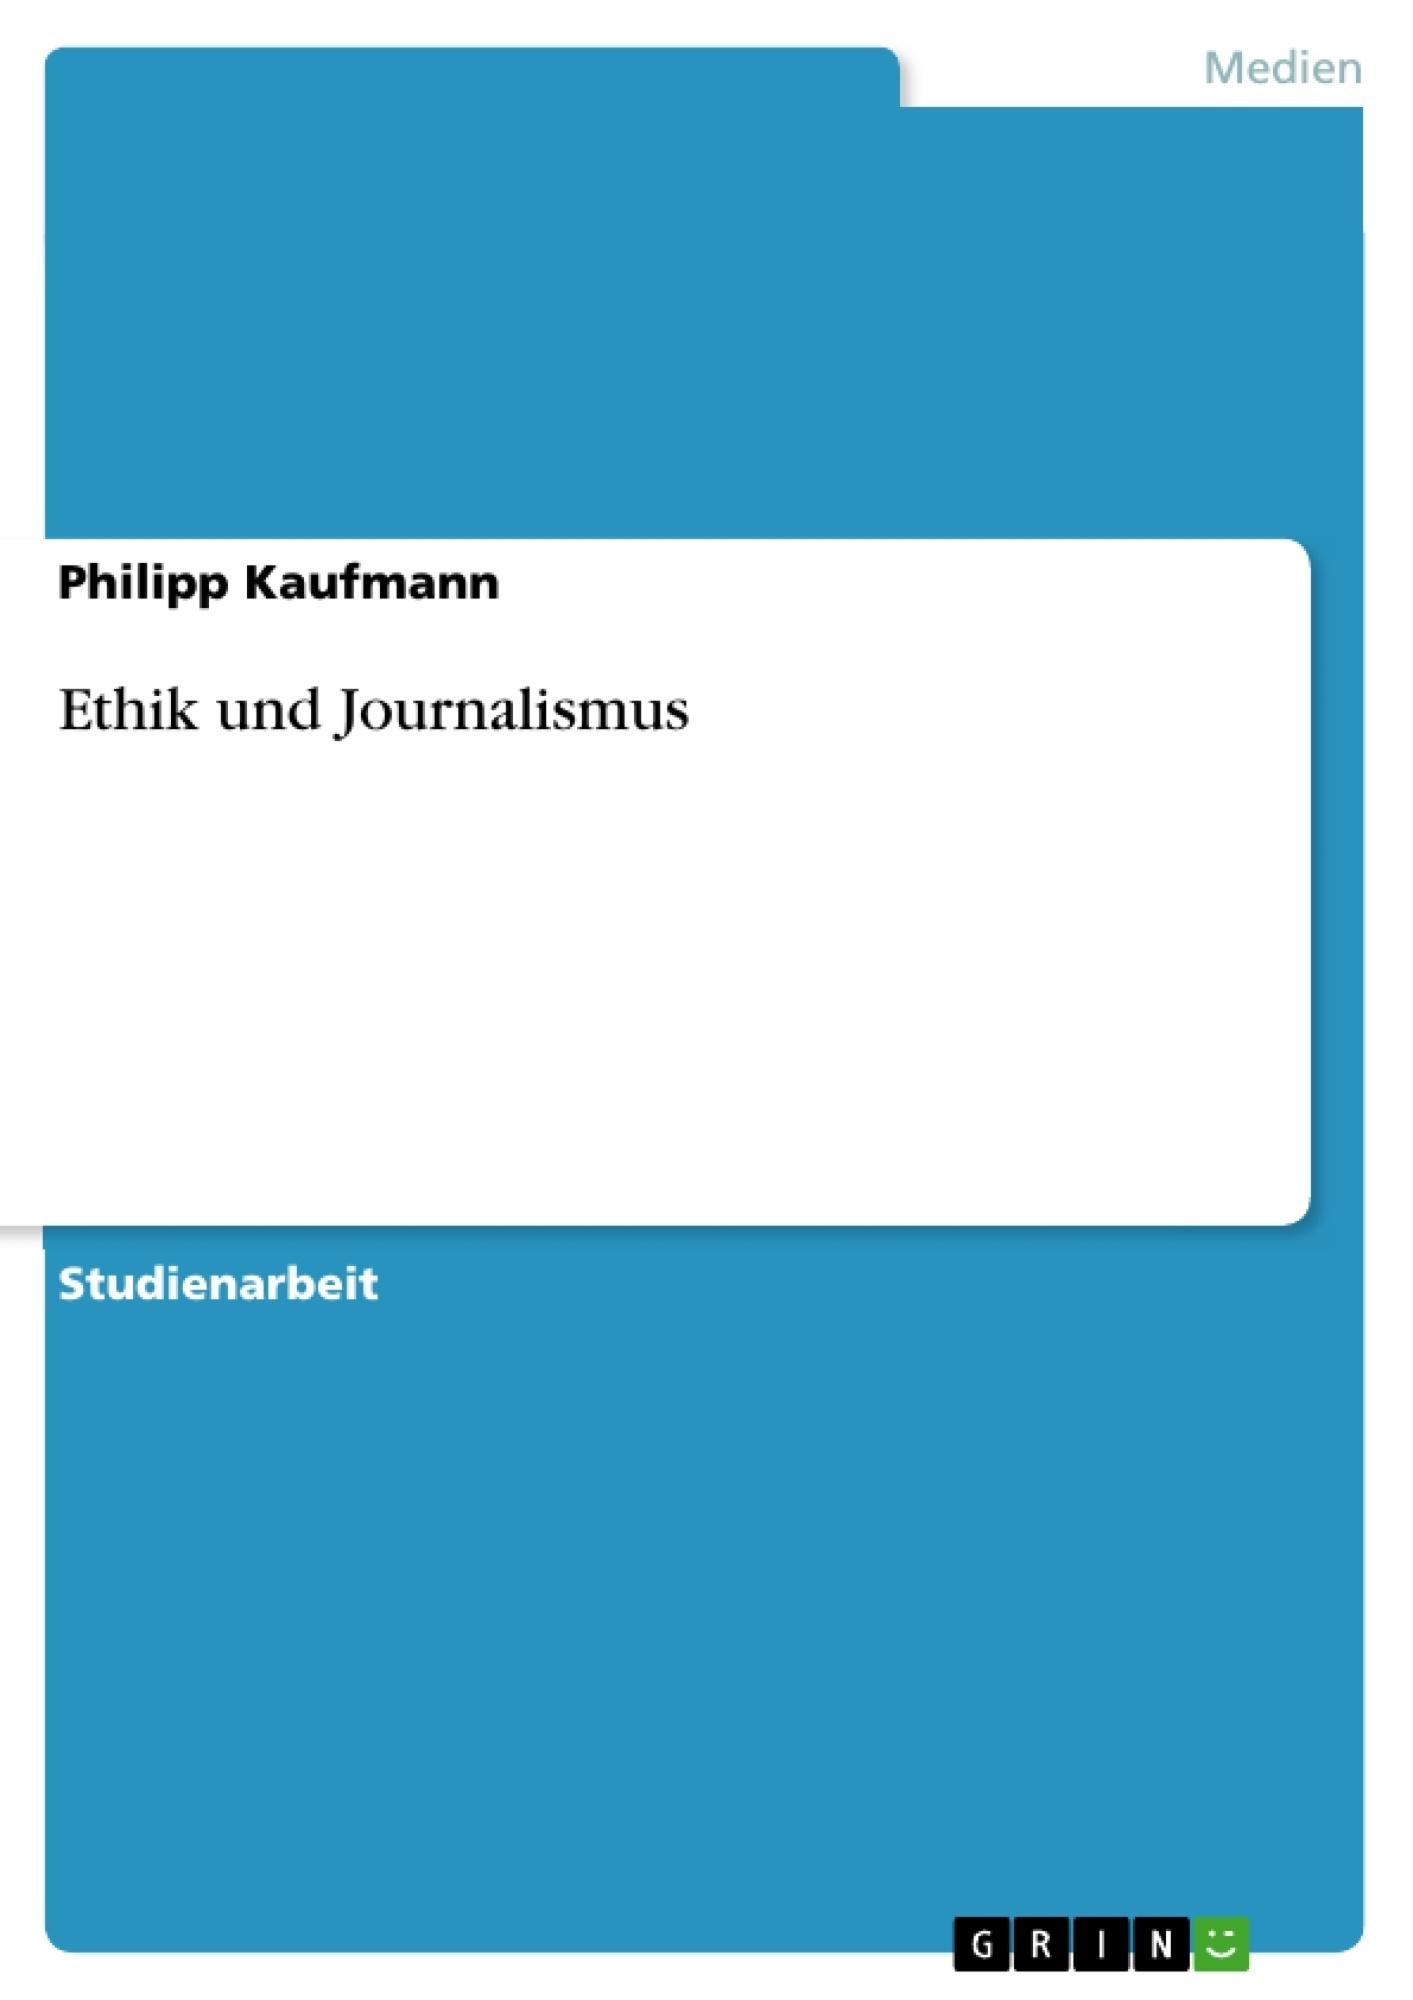 Titel: Ethik und Journalismus